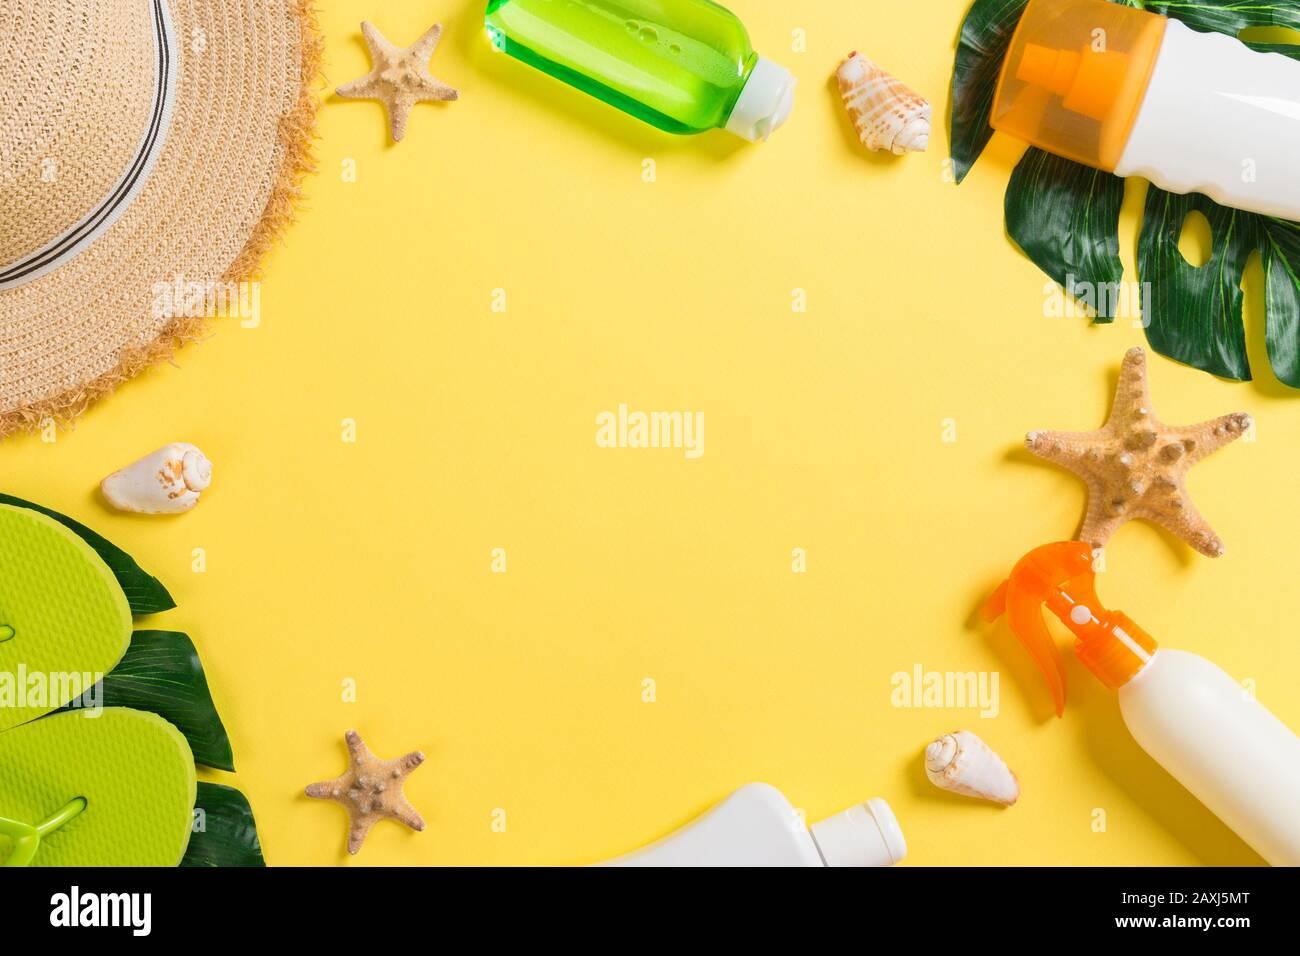 Accesorios de playa con sombrero de paja, bronceador y seastar sobre fondo amarillo vista superior con espacio de copia. Foto de stock